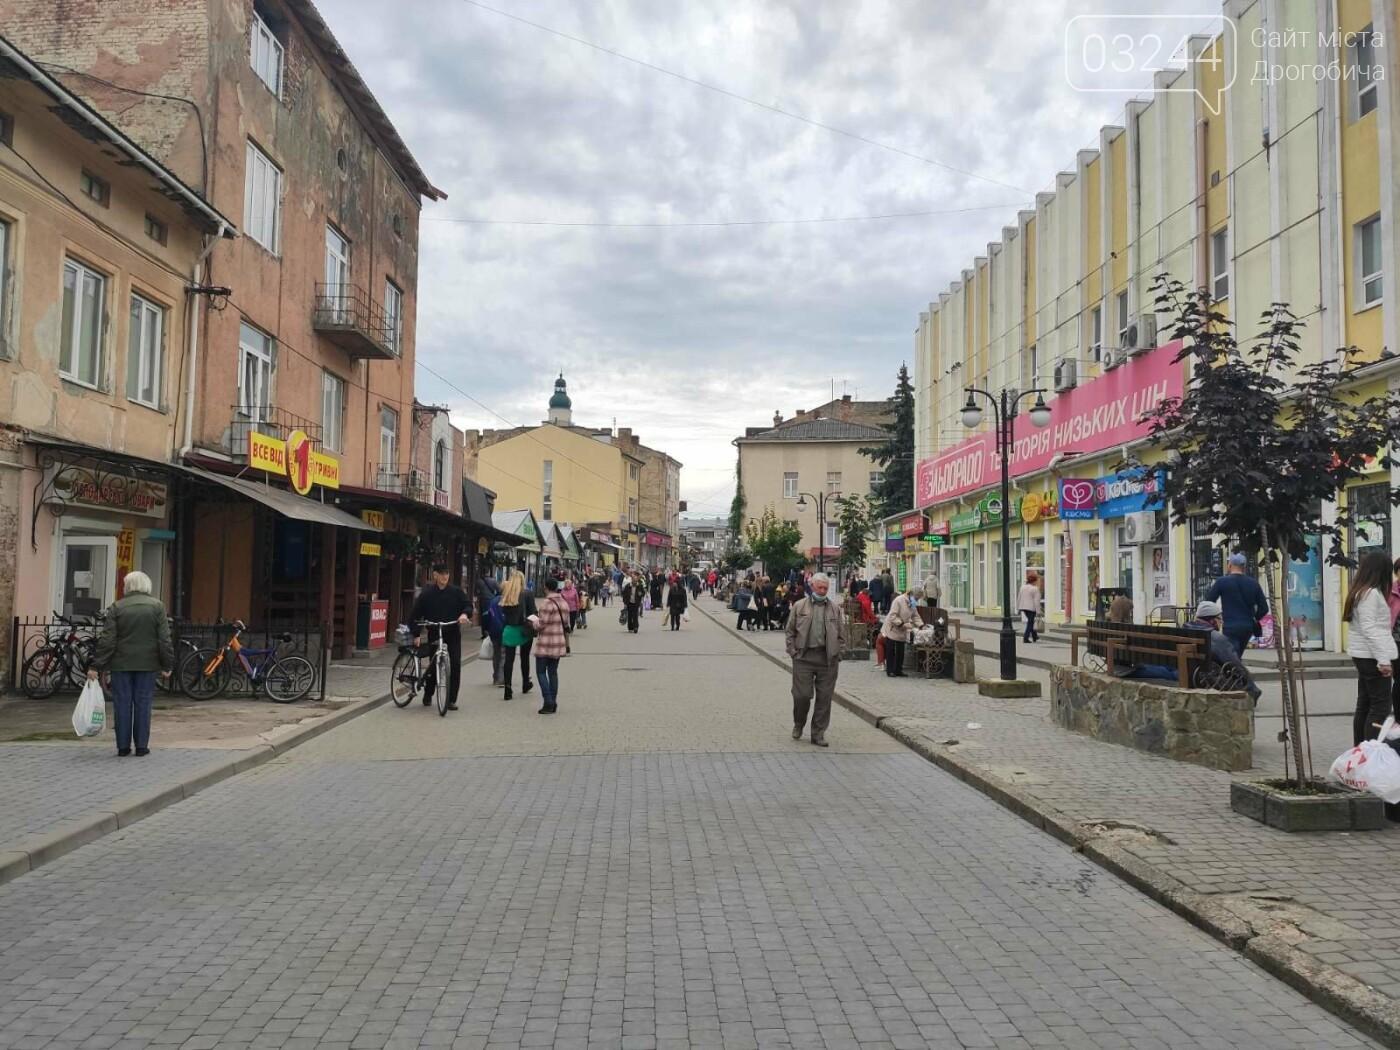 У Дрогобичі зрушення - стихійні торговці із Ковальської перейшли на новооблаштований ринок, - ФОТОРЕПОРТАЖ, фото-9